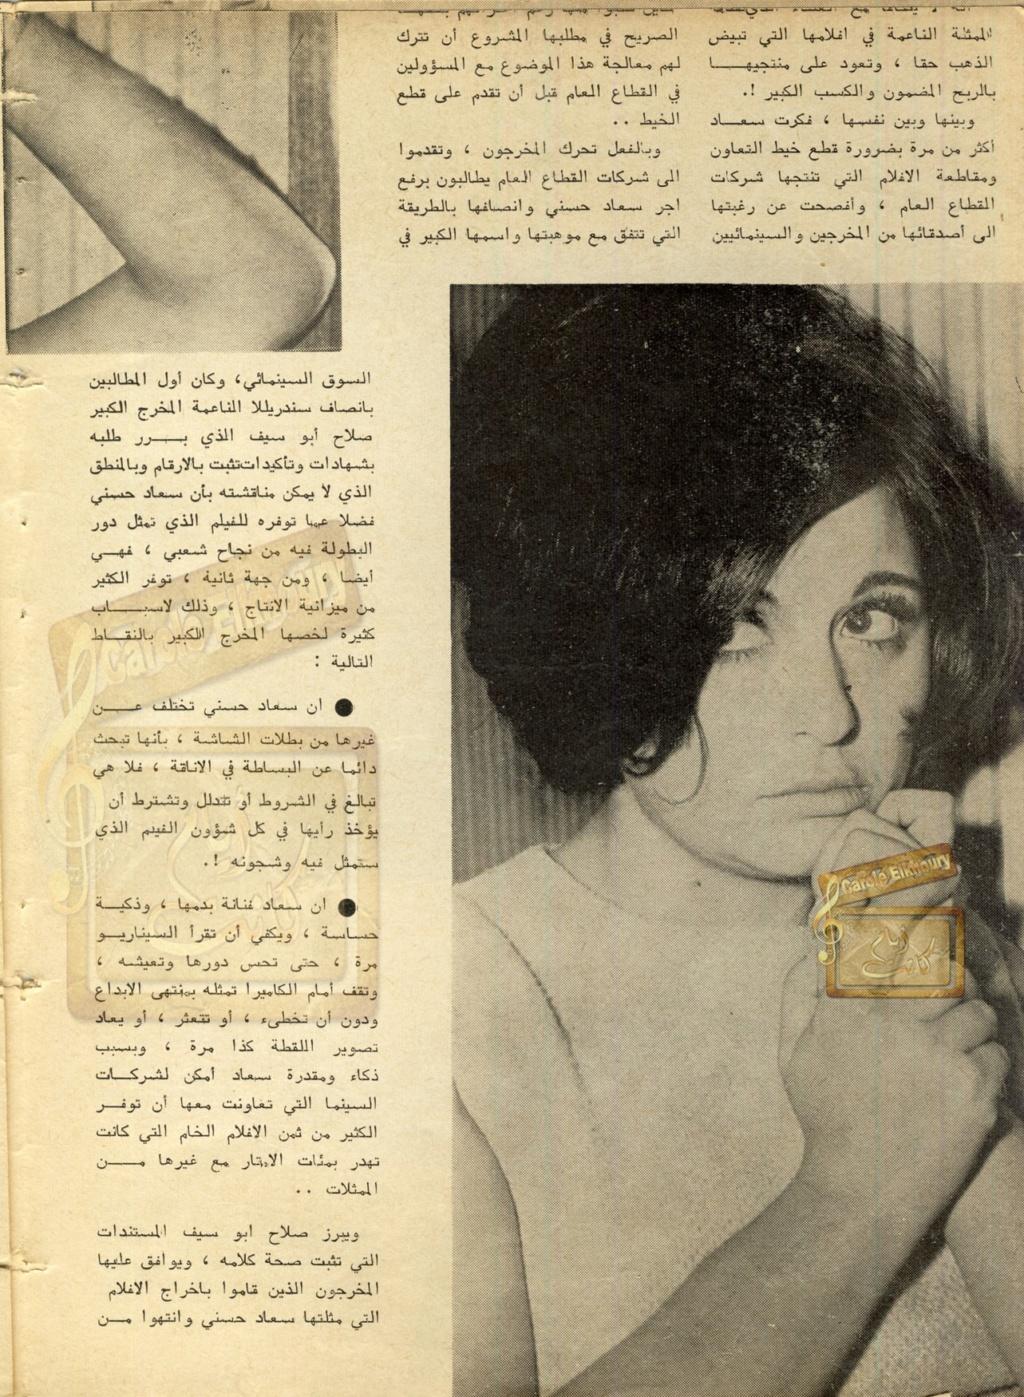 مقال - مقال صحفي : متطوعون يمثلون مجاناً قي أفلام سعاد حسني .. اكراماً لعينيها الجميلتين ! 1967 م 271